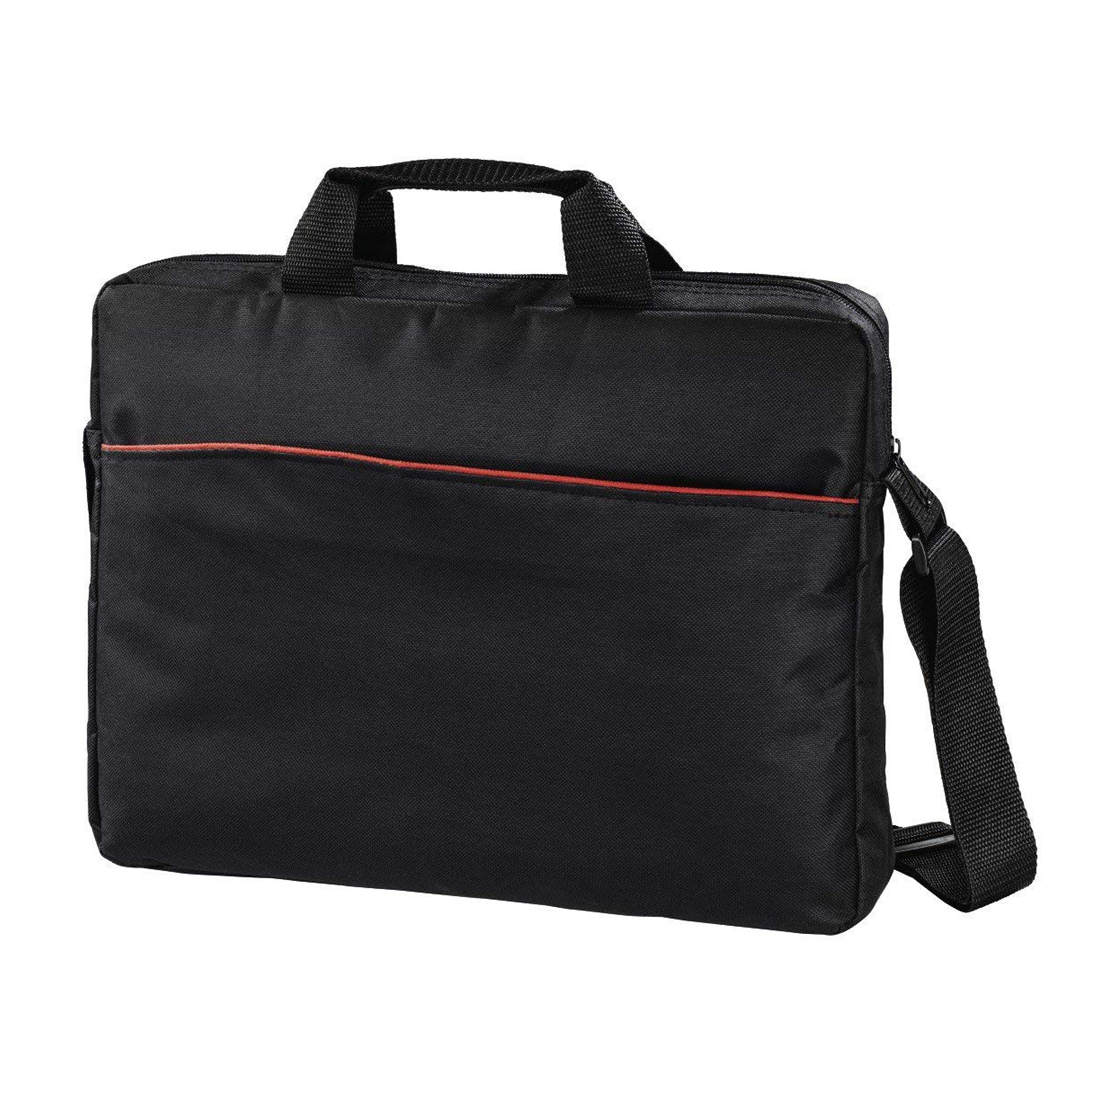 Hama-Tortuga-Notebook-Bag